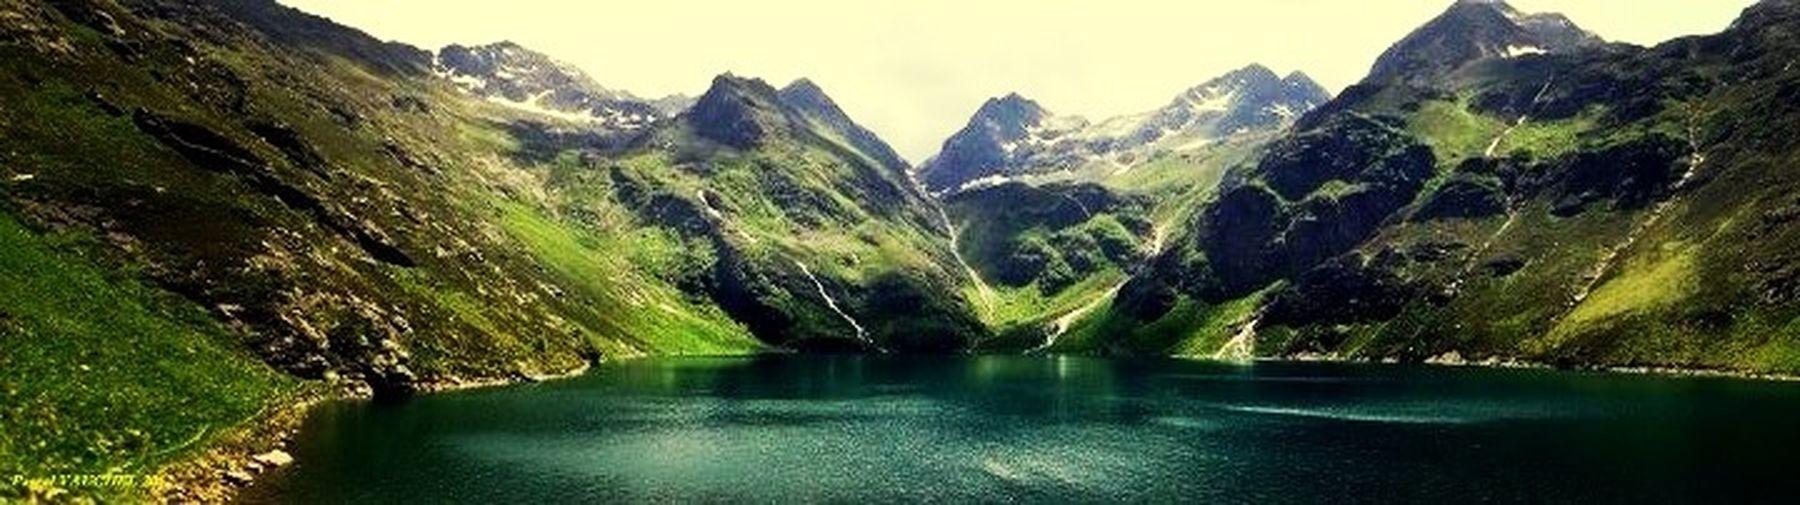 Lac. Lake.